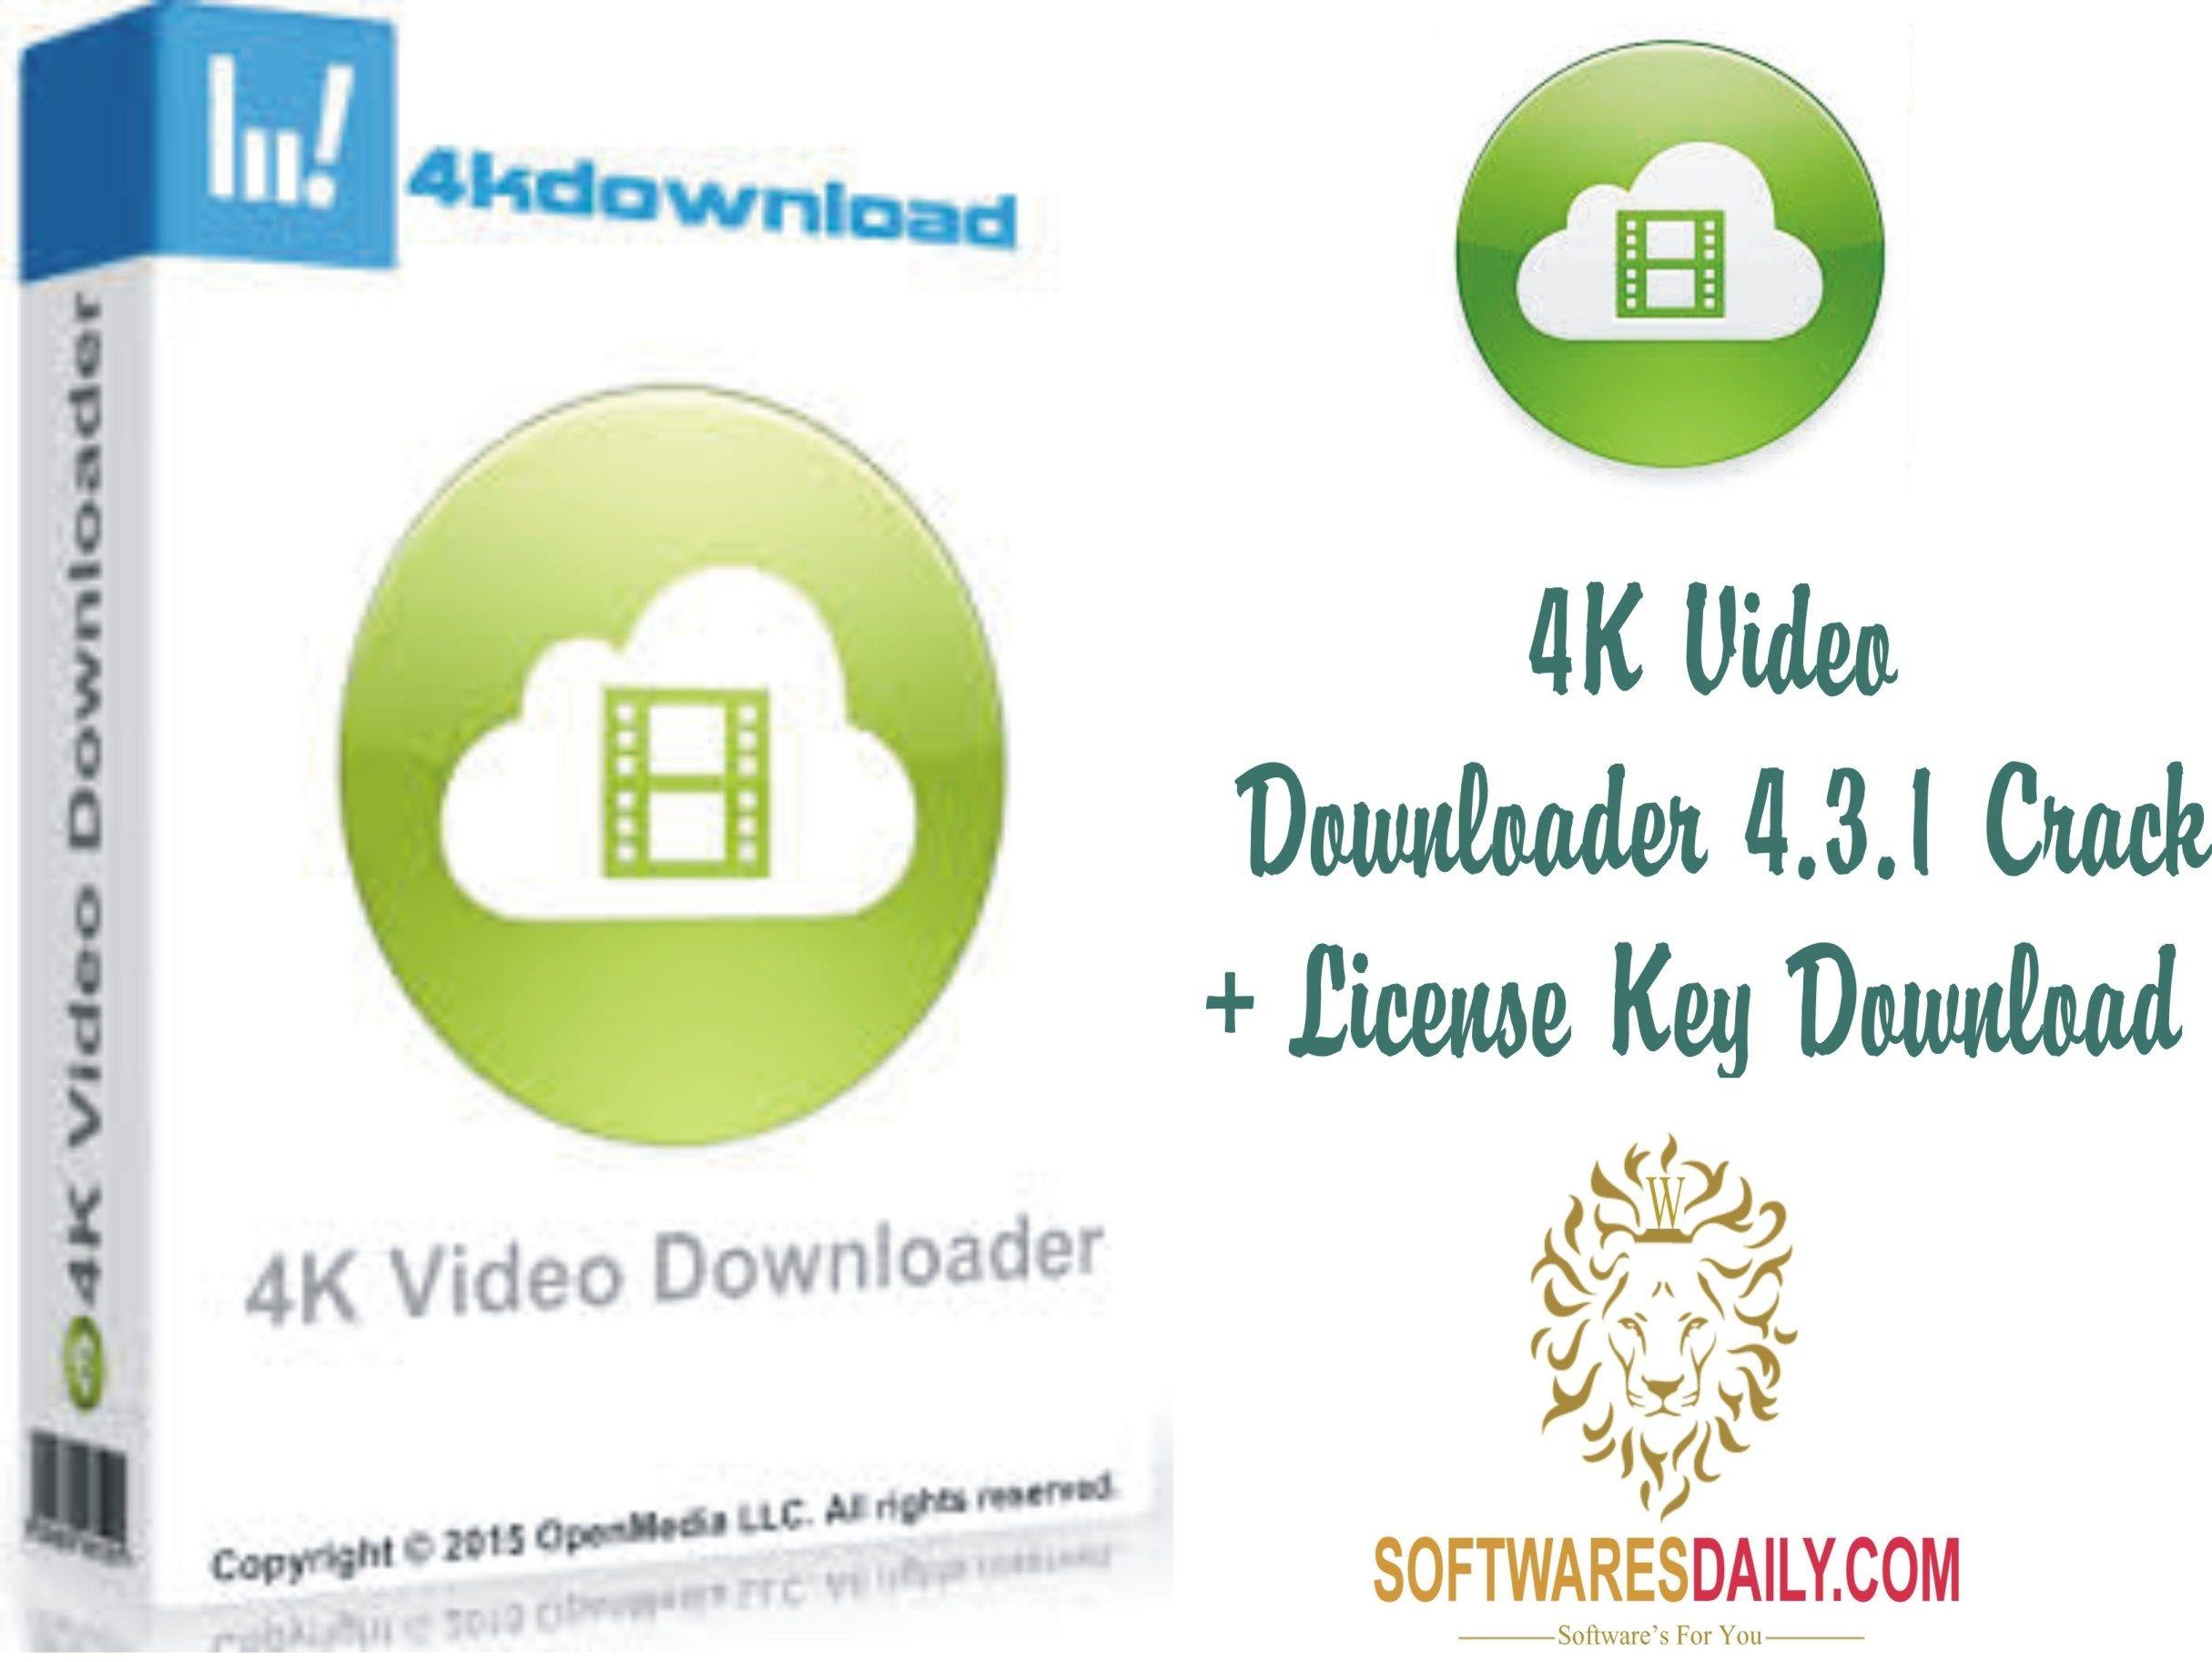 download 4k video downloader license key